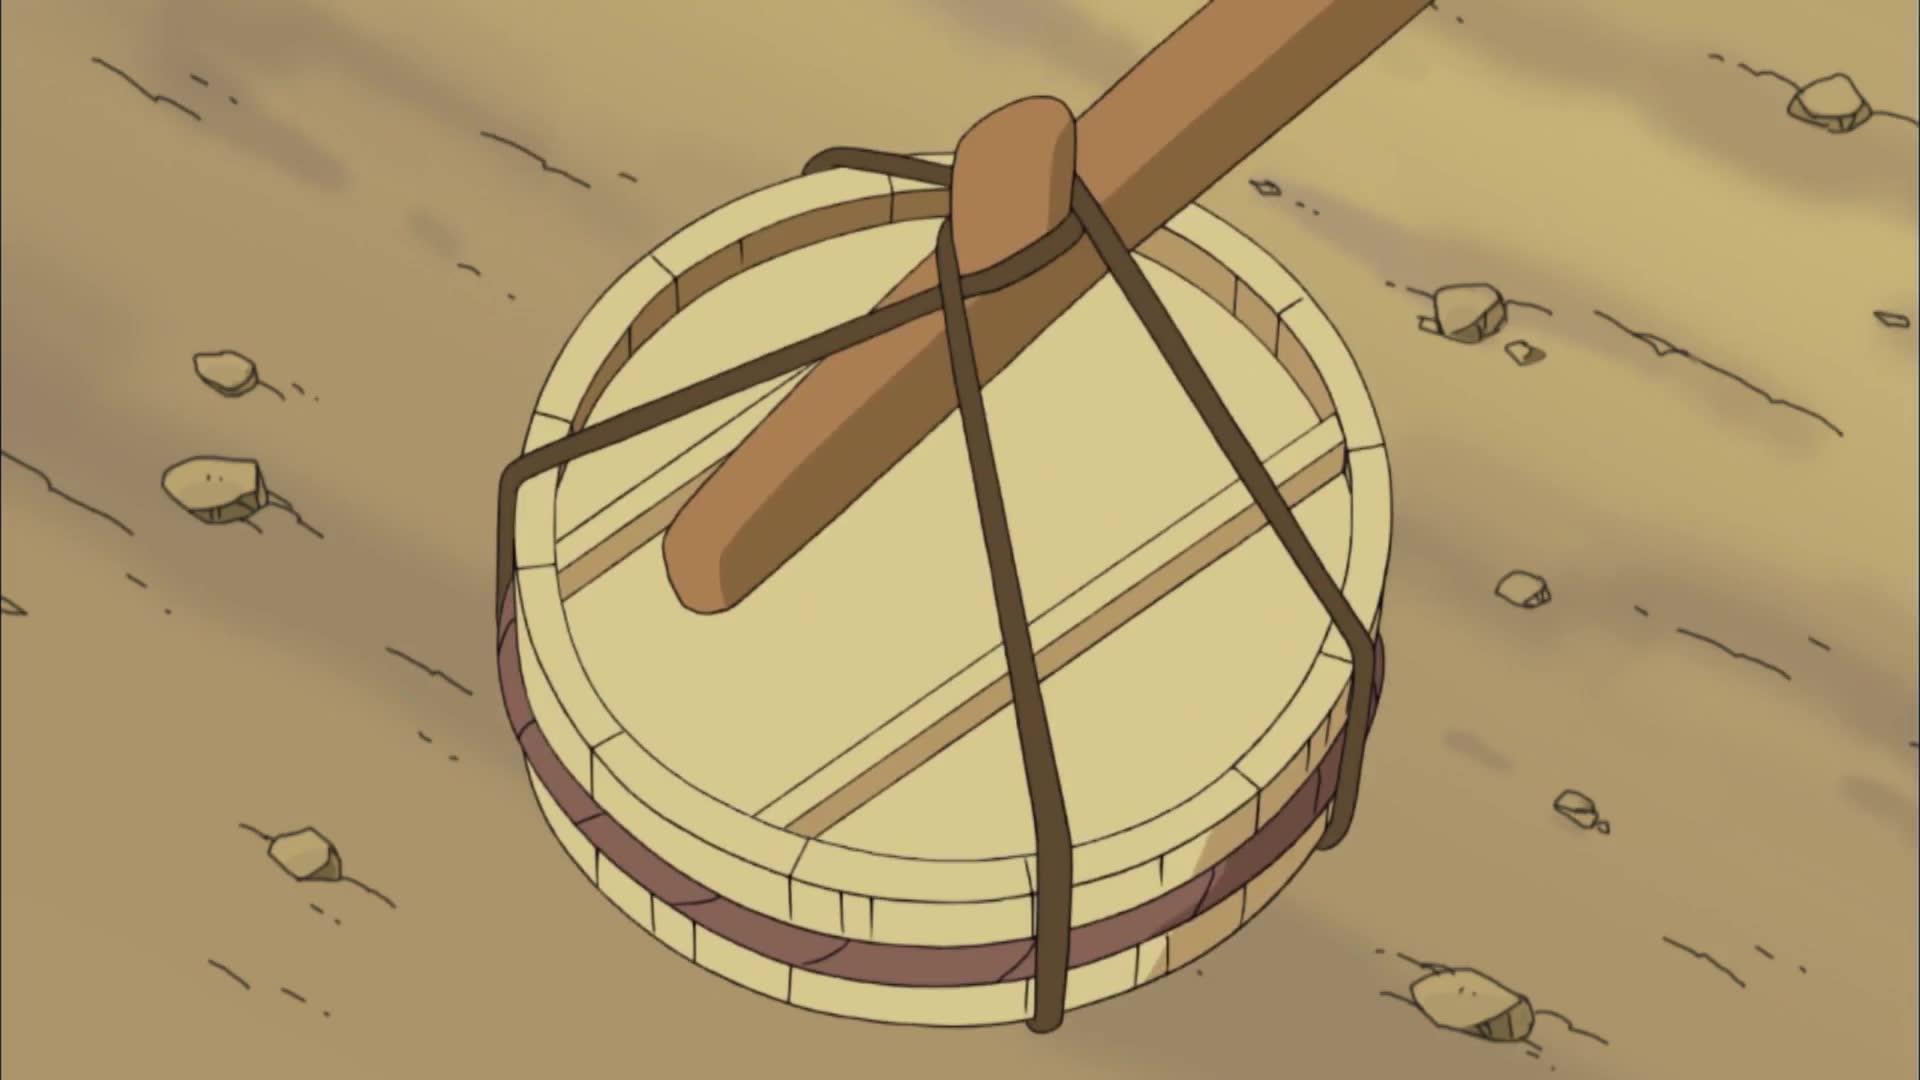 18화 주먹밥동자와 참치덮밥맨